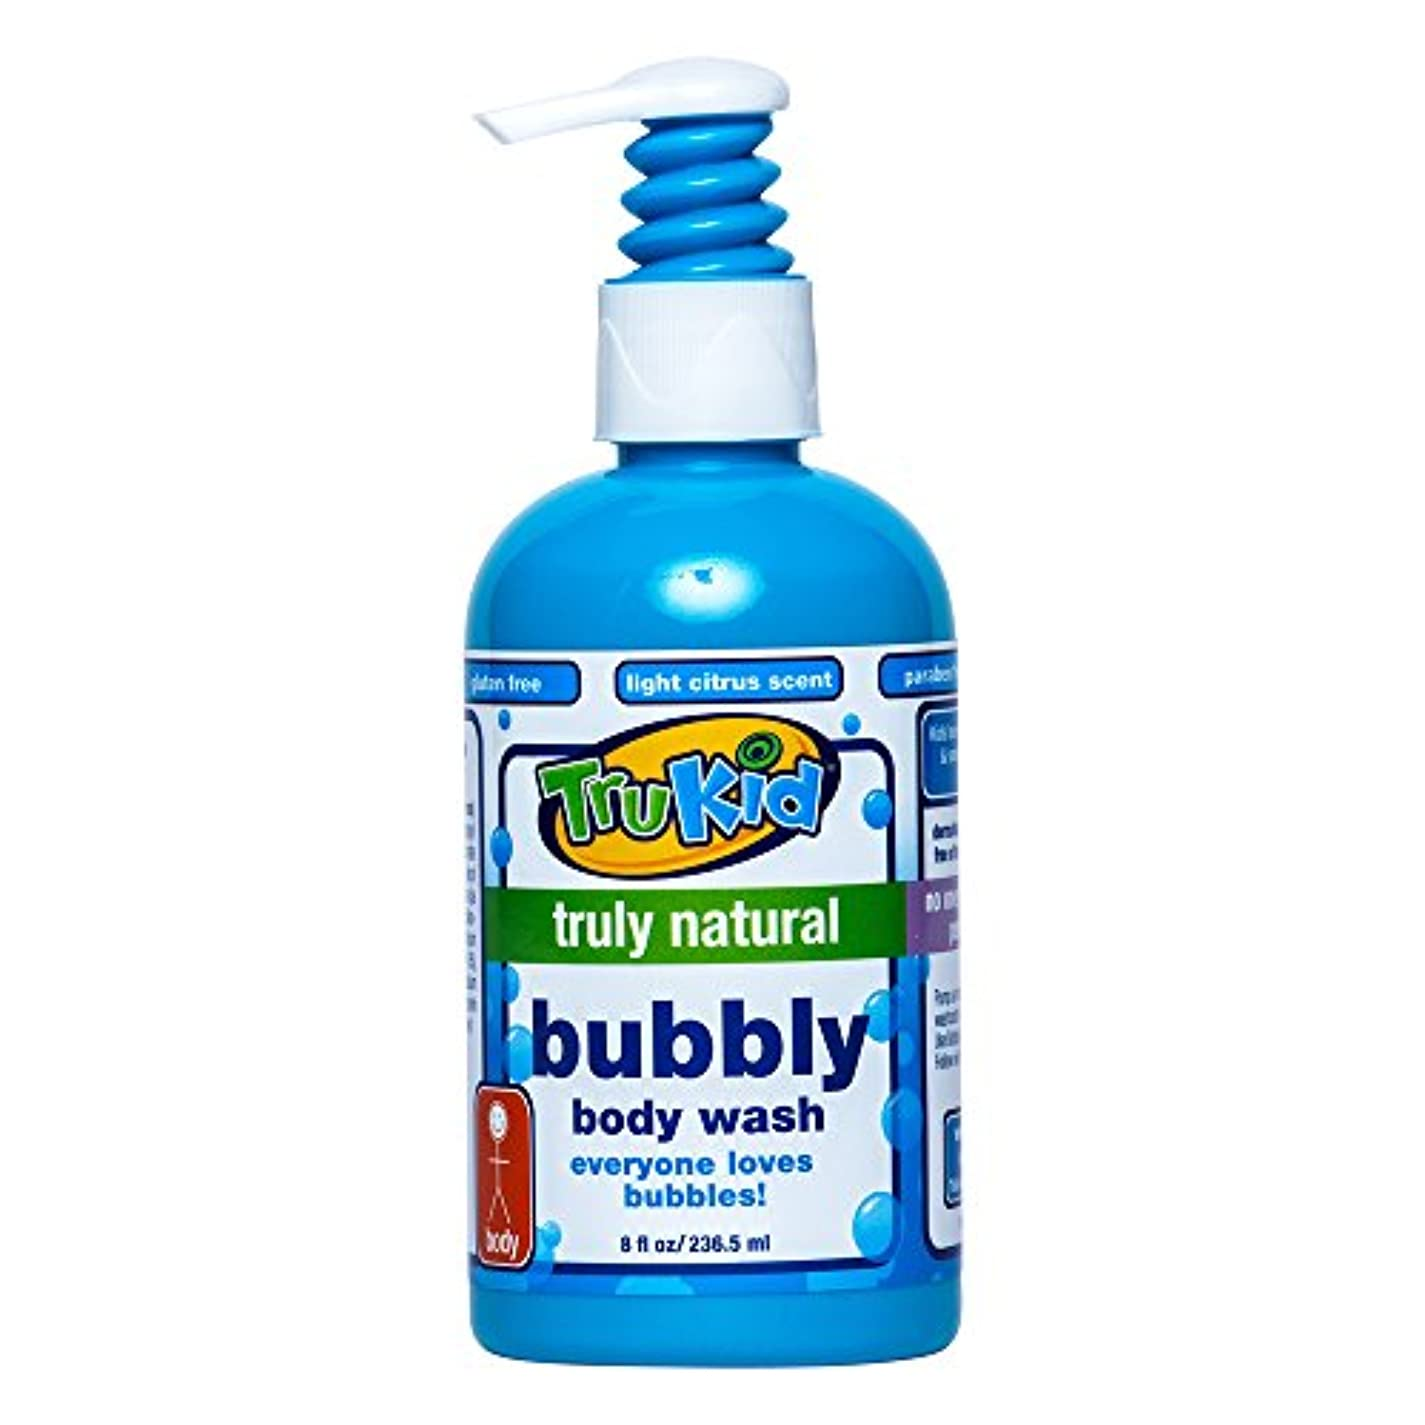 仕方危機デジタルTruKid, Bubbly Body Wash, 8 fl oz (236.5 ml)